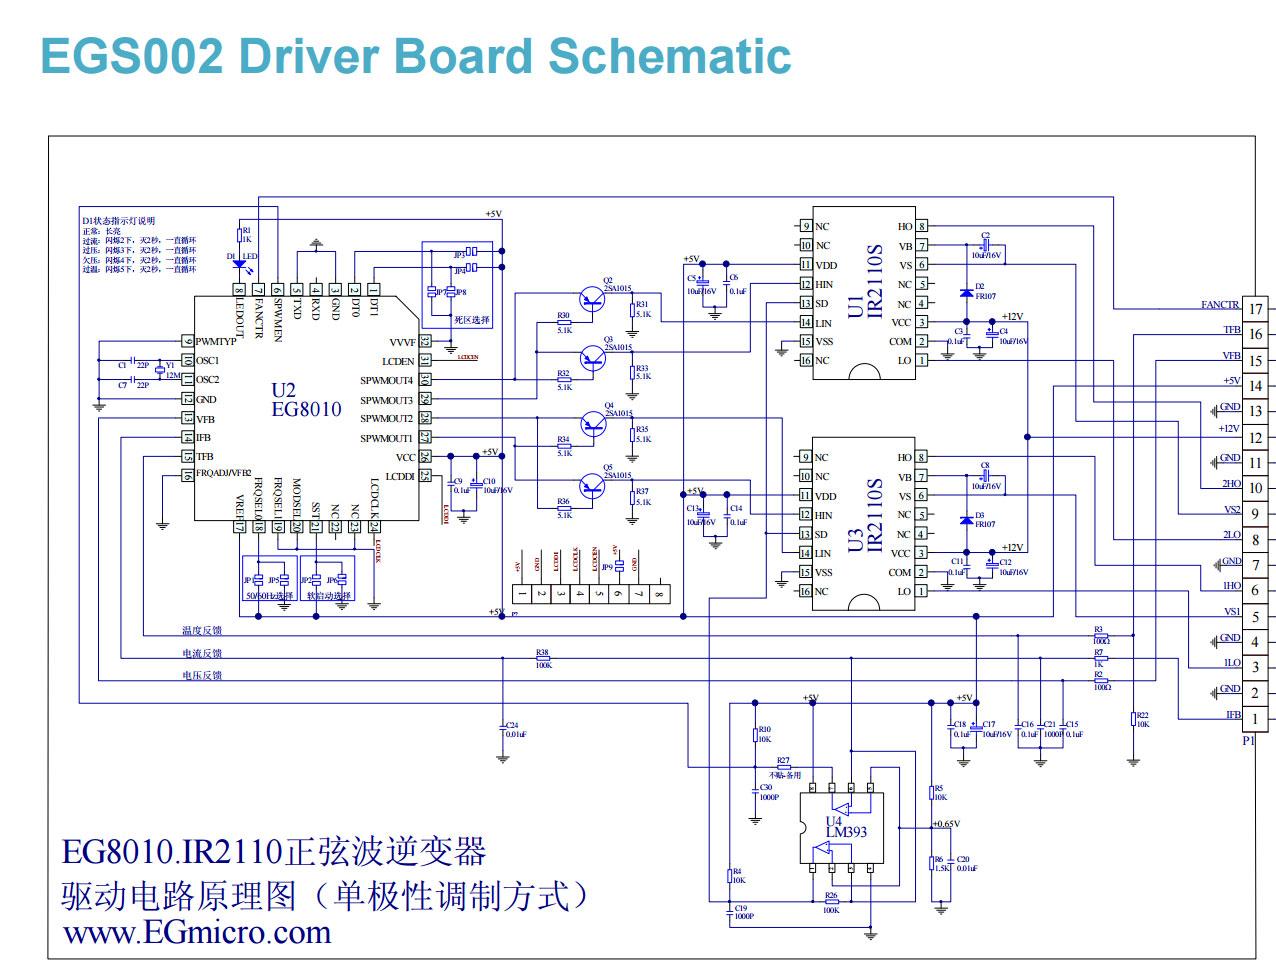 1 шт. Чистый синусоидальный инвертор драйвер платы egs002 eg8010 +.